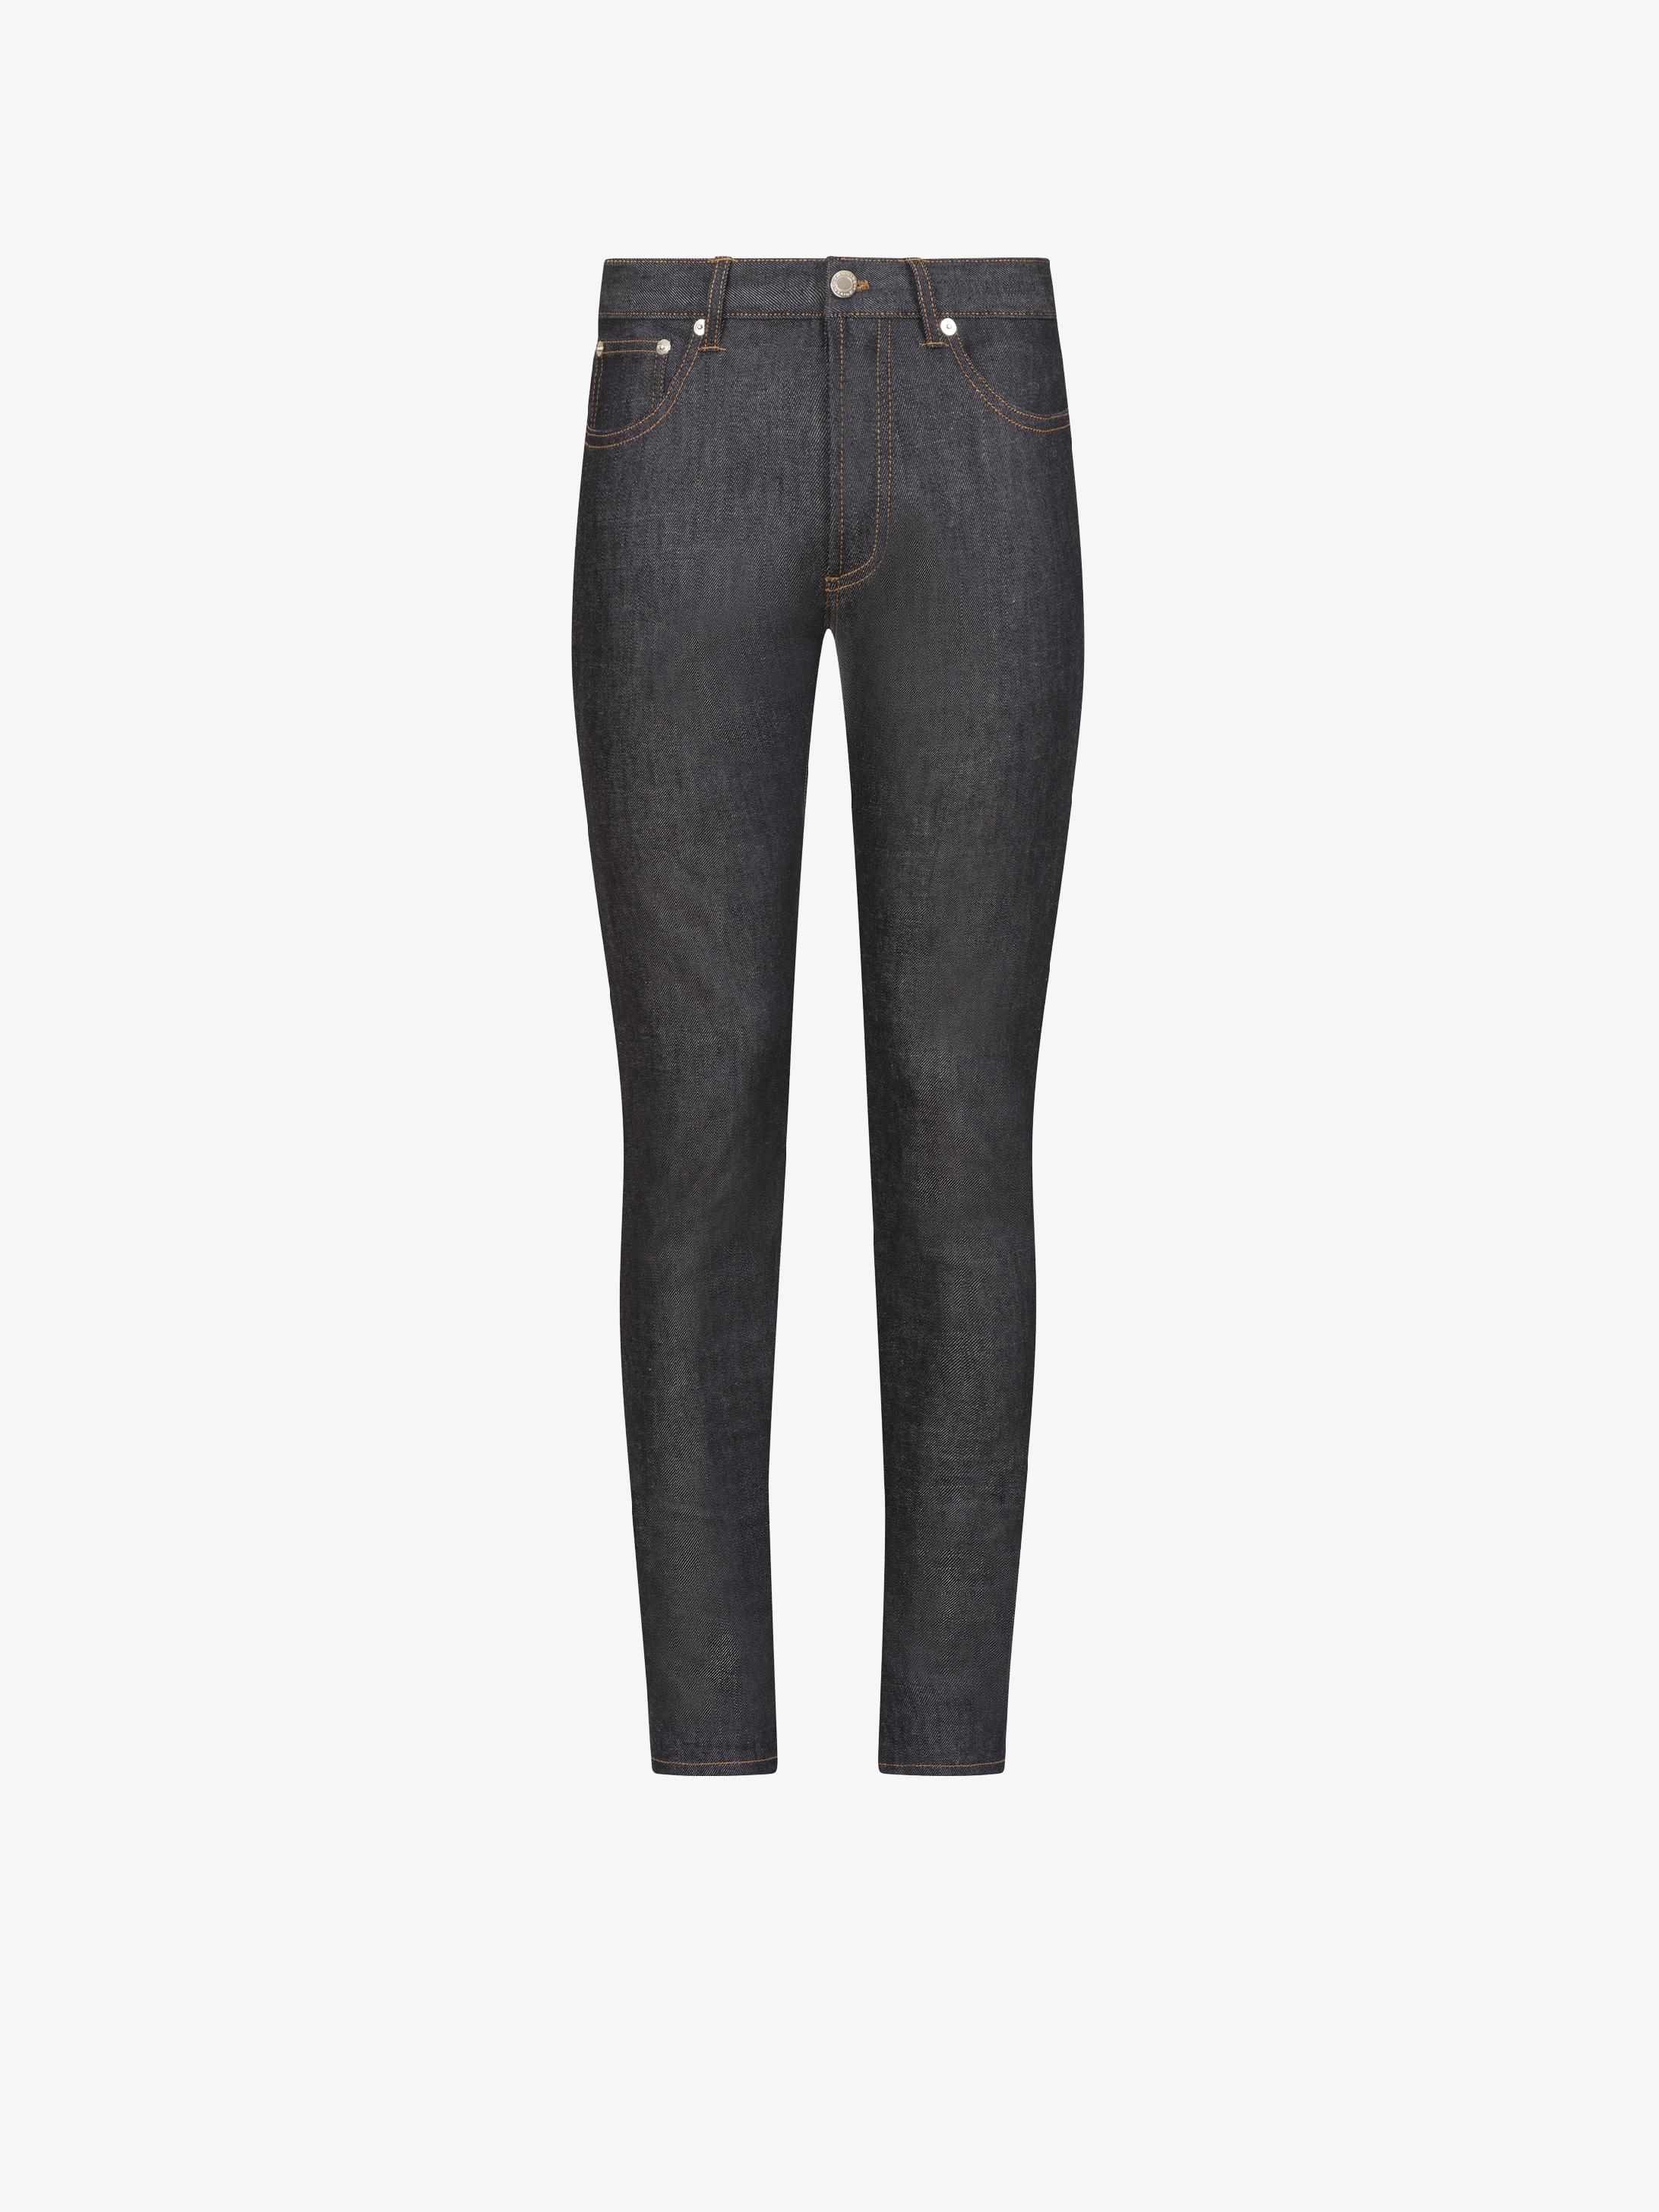 Stars slim fit jeans